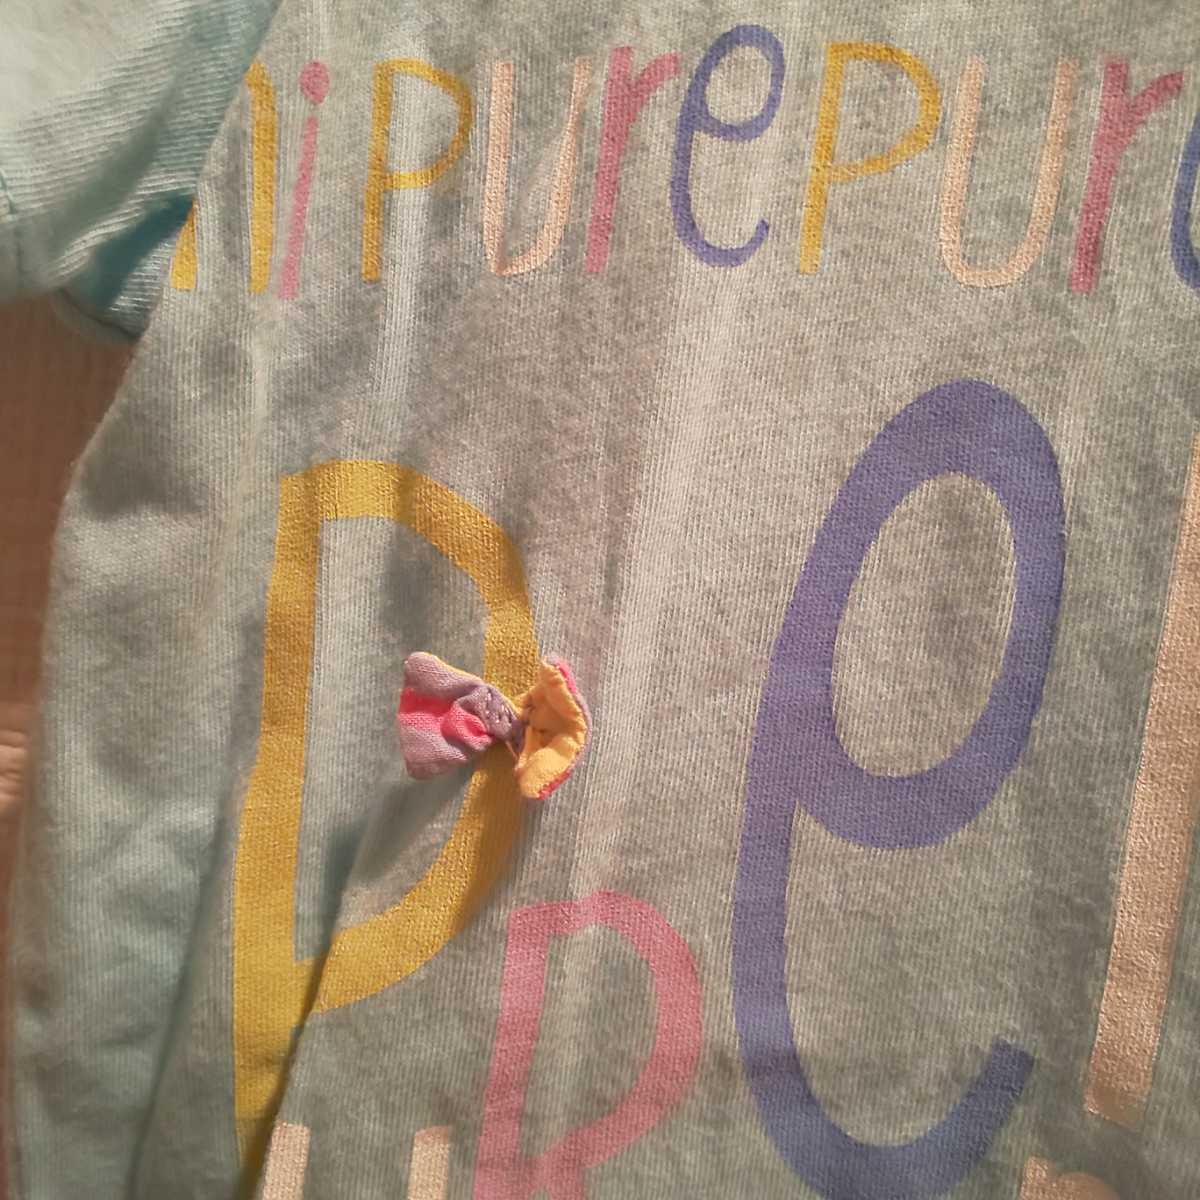 1円スタート! 130cm 半袖Tシャツ キッズ 女の子 半袖 夏物 保育園 幼稚園 私服 洗い替え ウサギ柄 akichan7777jp_画像5